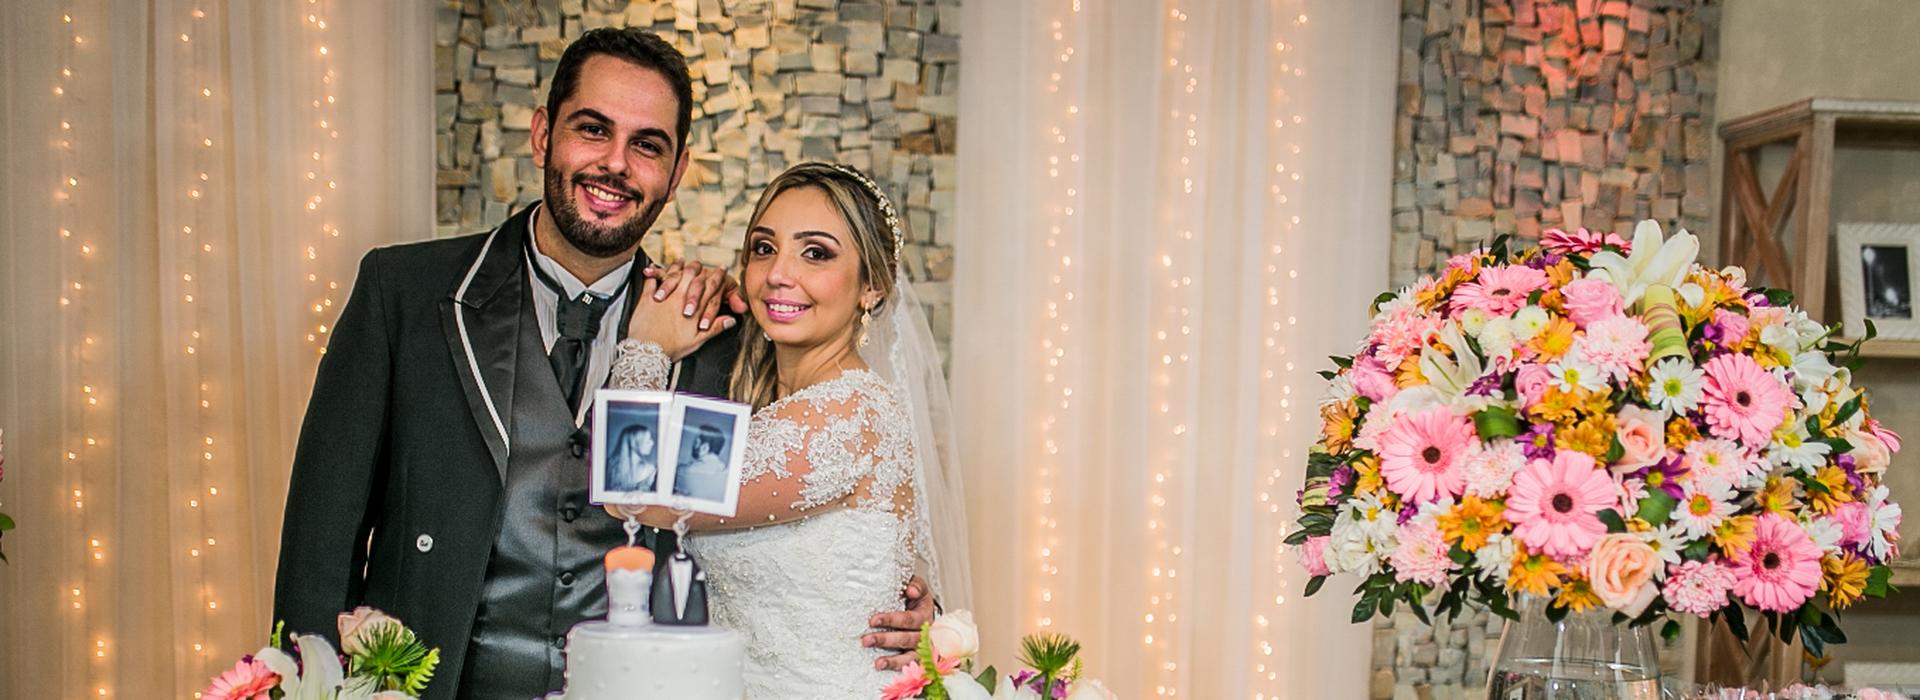 Casamento de Vanessa e Bruno em Rio de Janeiro - RJ